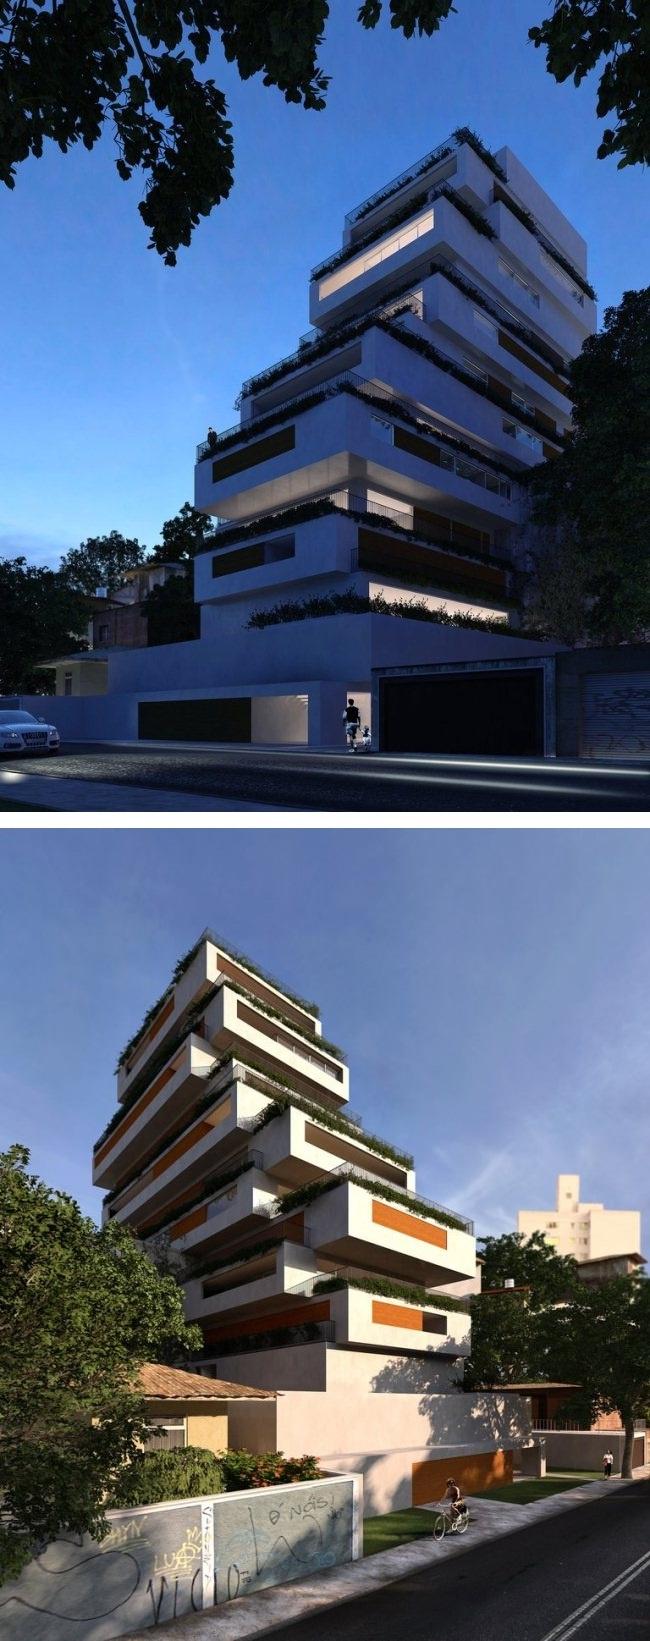 Edifício Oka, rua Girassol, Vila Madalena - Arquiteto: Isay Weinfeld